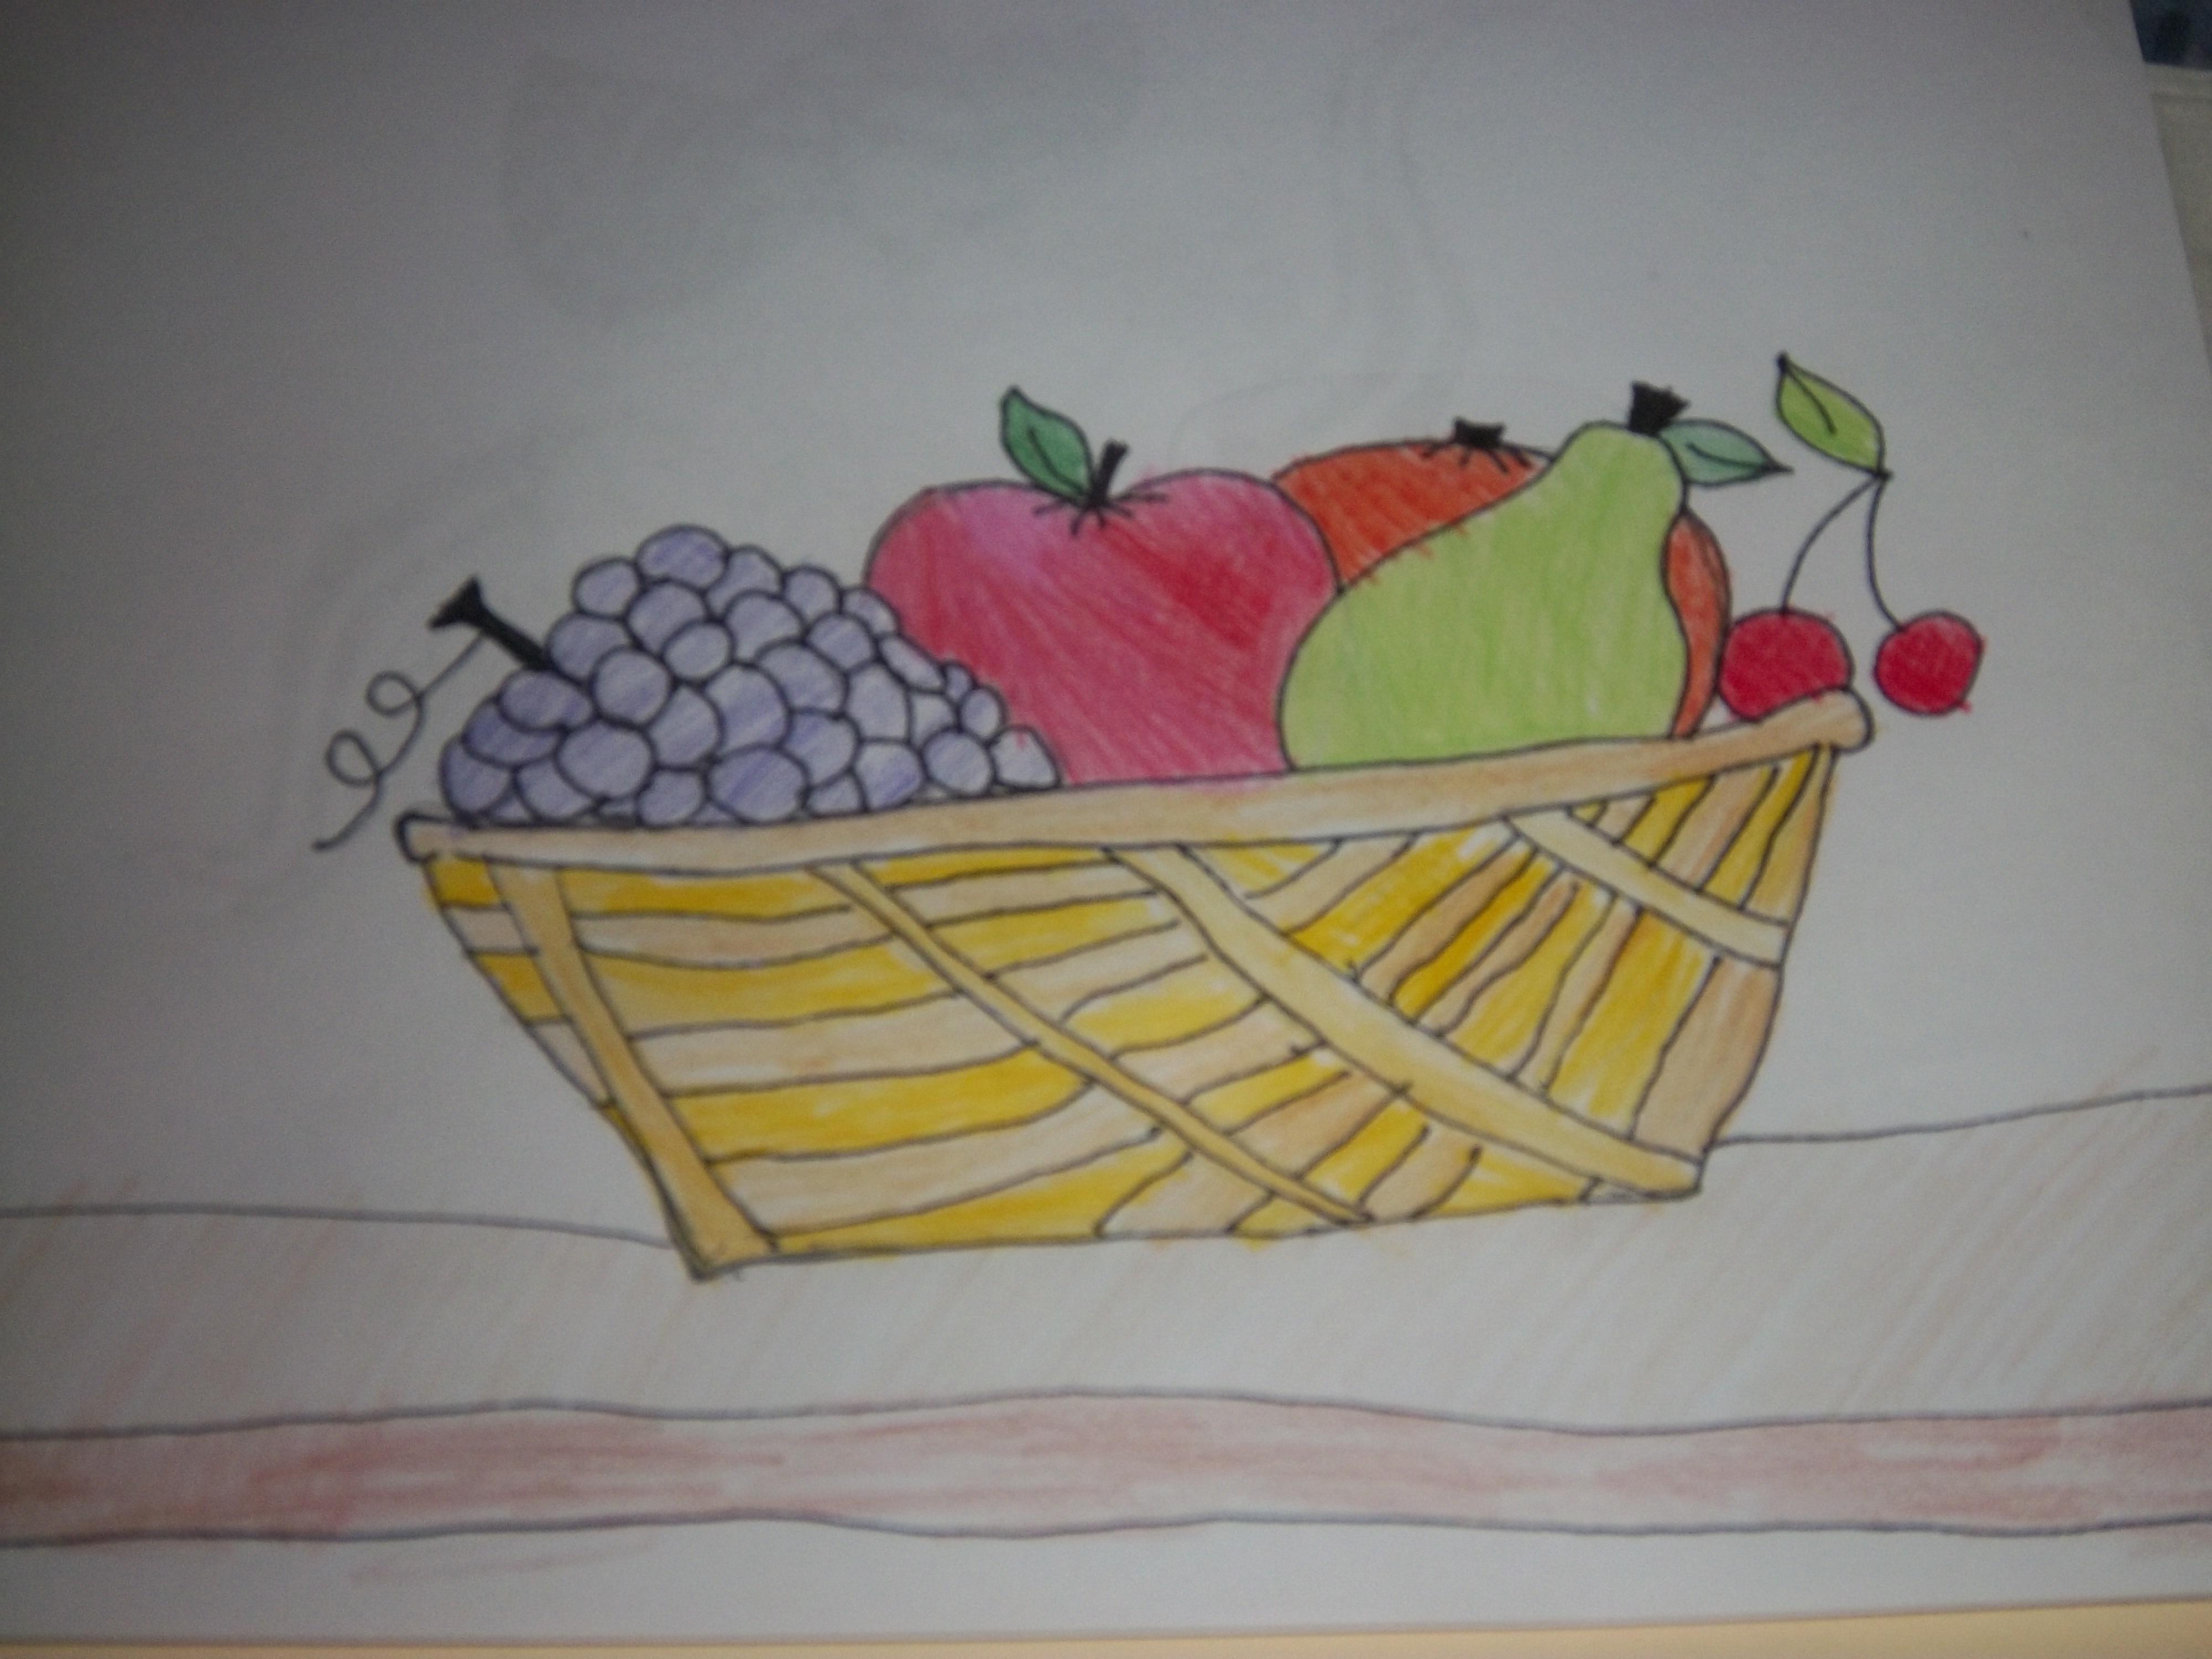 4000x3000 Bowl Of Fruit Drawing Bowl Of Fruit Drawing A Random Bowl Of Fruit